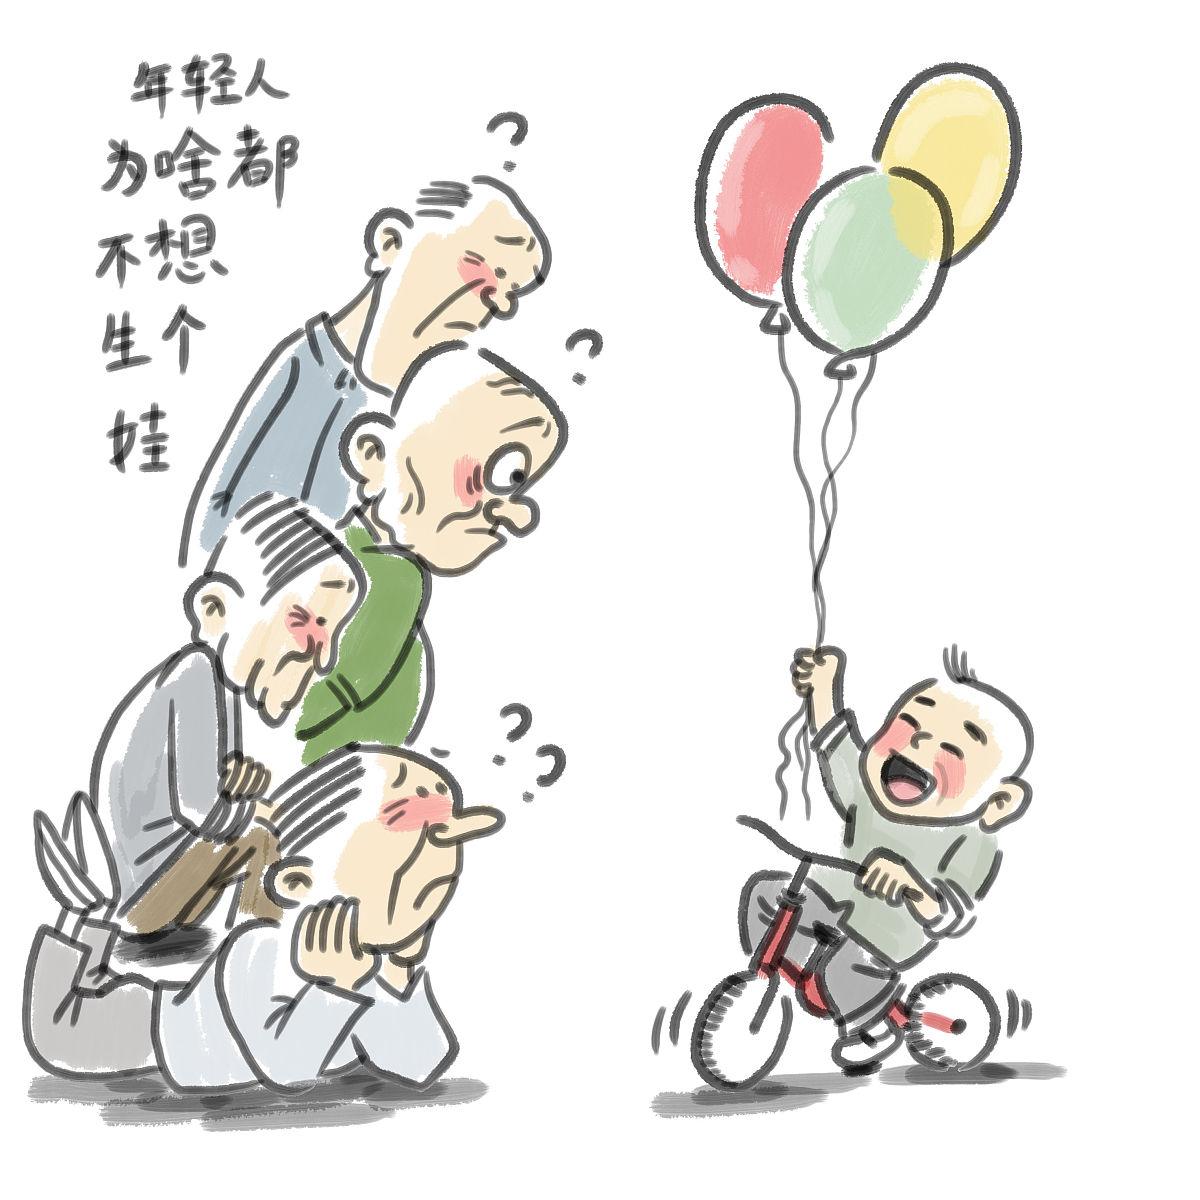 050年中国人口预测